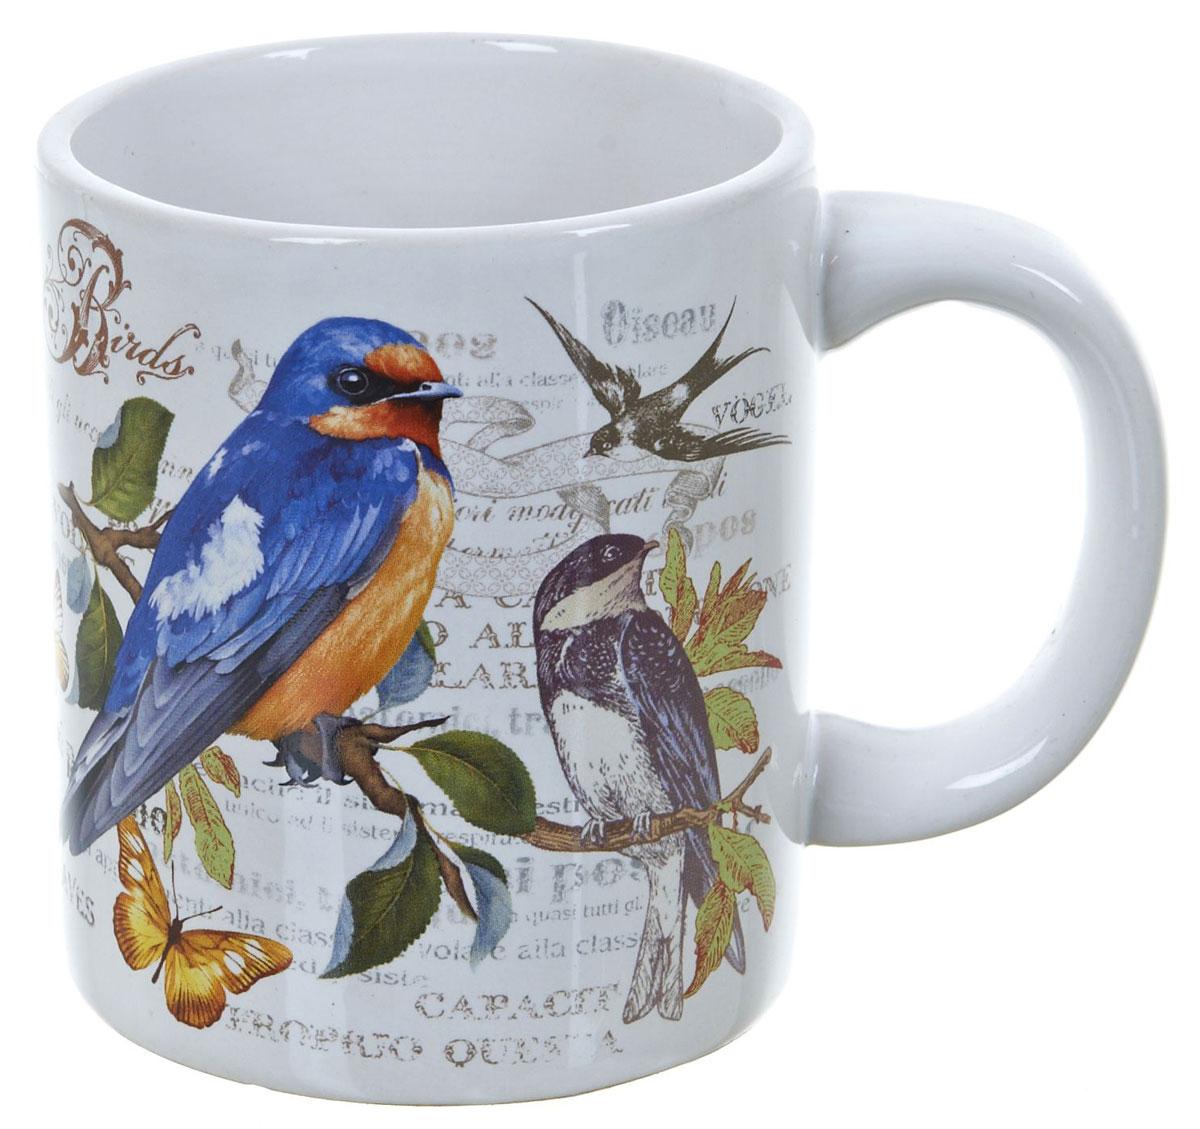 Кружка ENS Group Birds, 400 мл. L2430743115610Кружка Birds выполнена из высококачественной керамики и декорирована ярким рисунком с изображением птиц.Кружка сочетает в себе оригинальный дизайн и функциональность. Благодаря такой кружке пить напитки будет еще вкуснее. Упакована в подарочную упаковку, благодаря чему может послужить отличным подарком родным и близким!